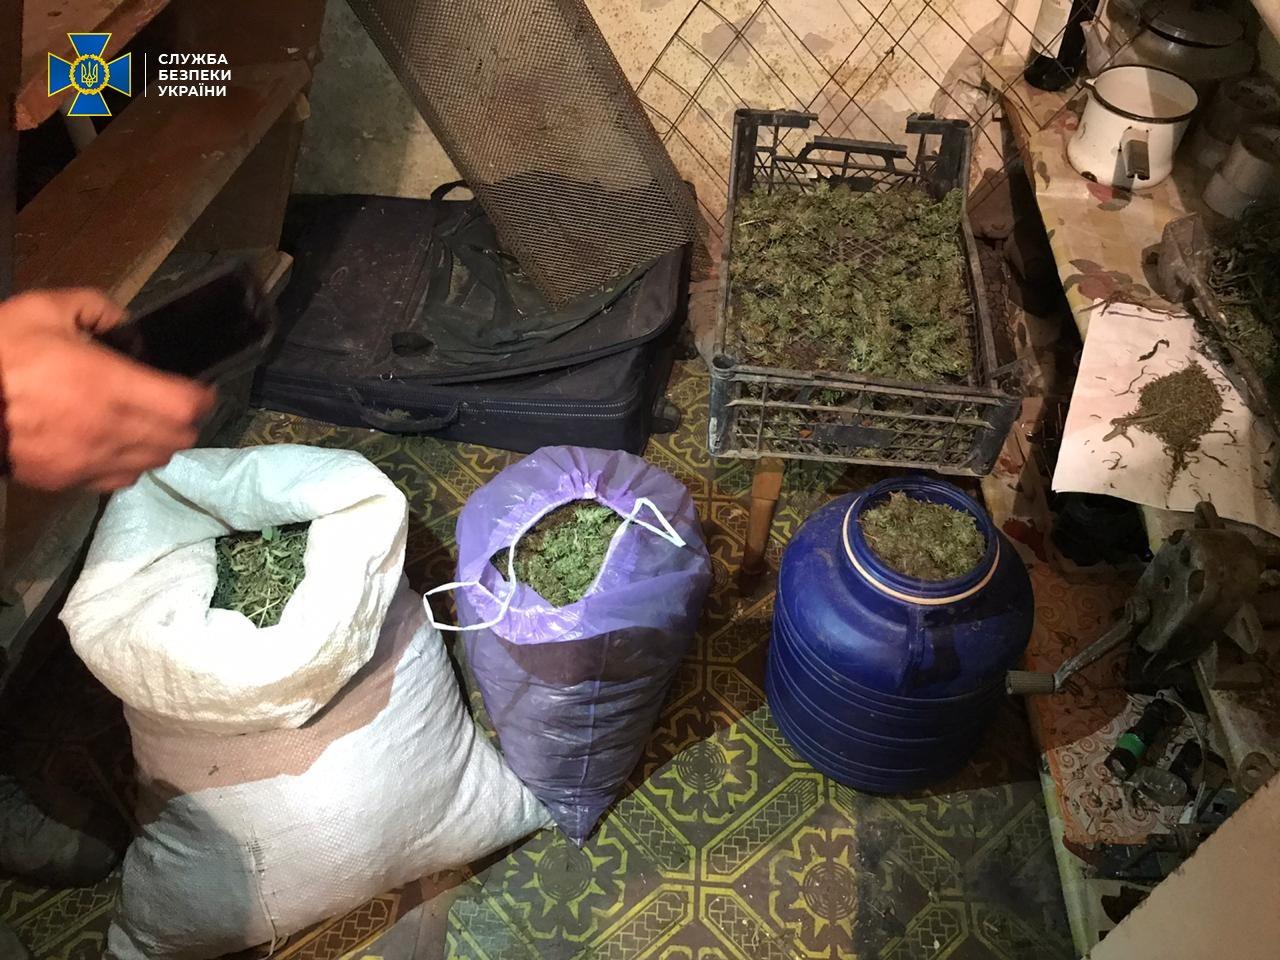 Діяльність злочинної групи, яка спеціалізувалася на незаконному збуті оптових партій наркотичних засобів, блокувала у Закарпатській області Служба безпеки України.